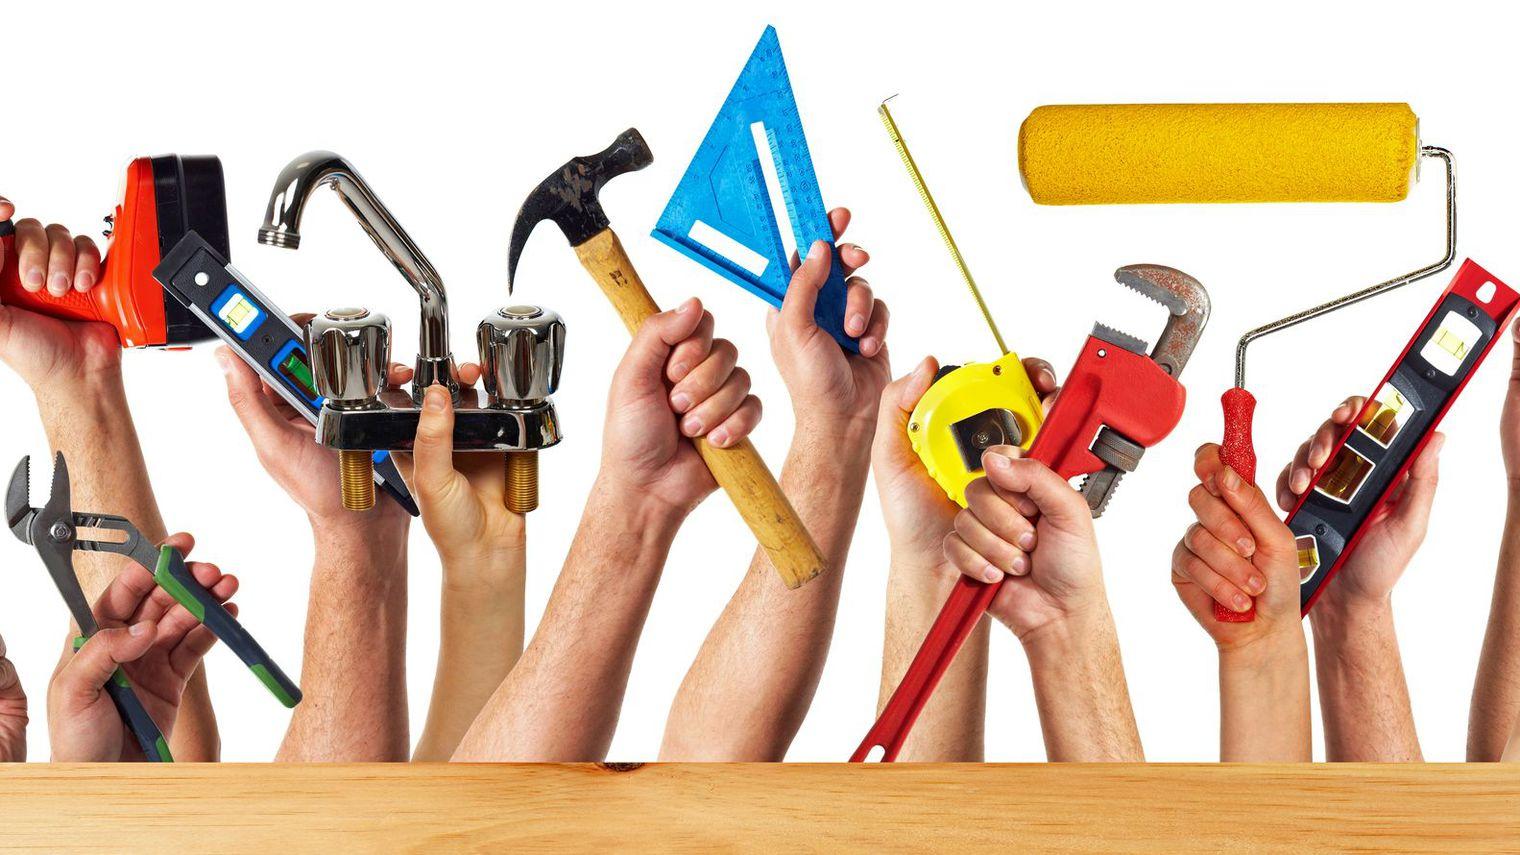 Petits travaux , bricolage , service a domicile. Vaucluse